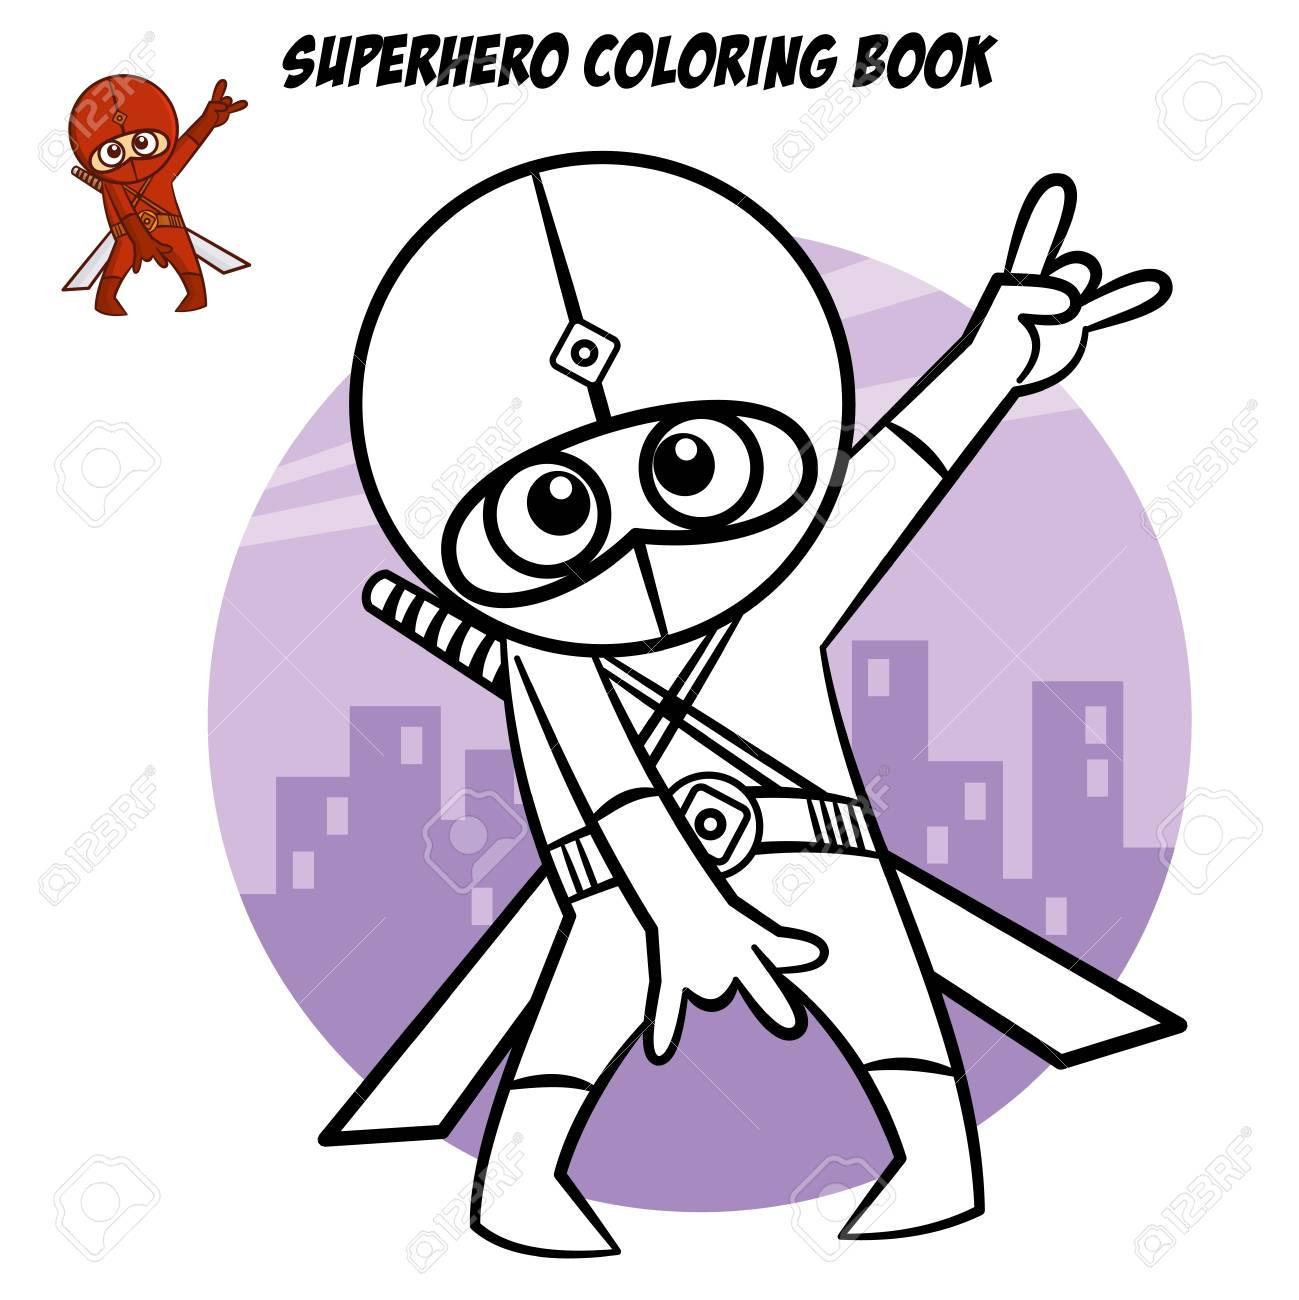 Libro Para Colorear De Superhéroes. Personaje Cómico Aislado Sobre ...